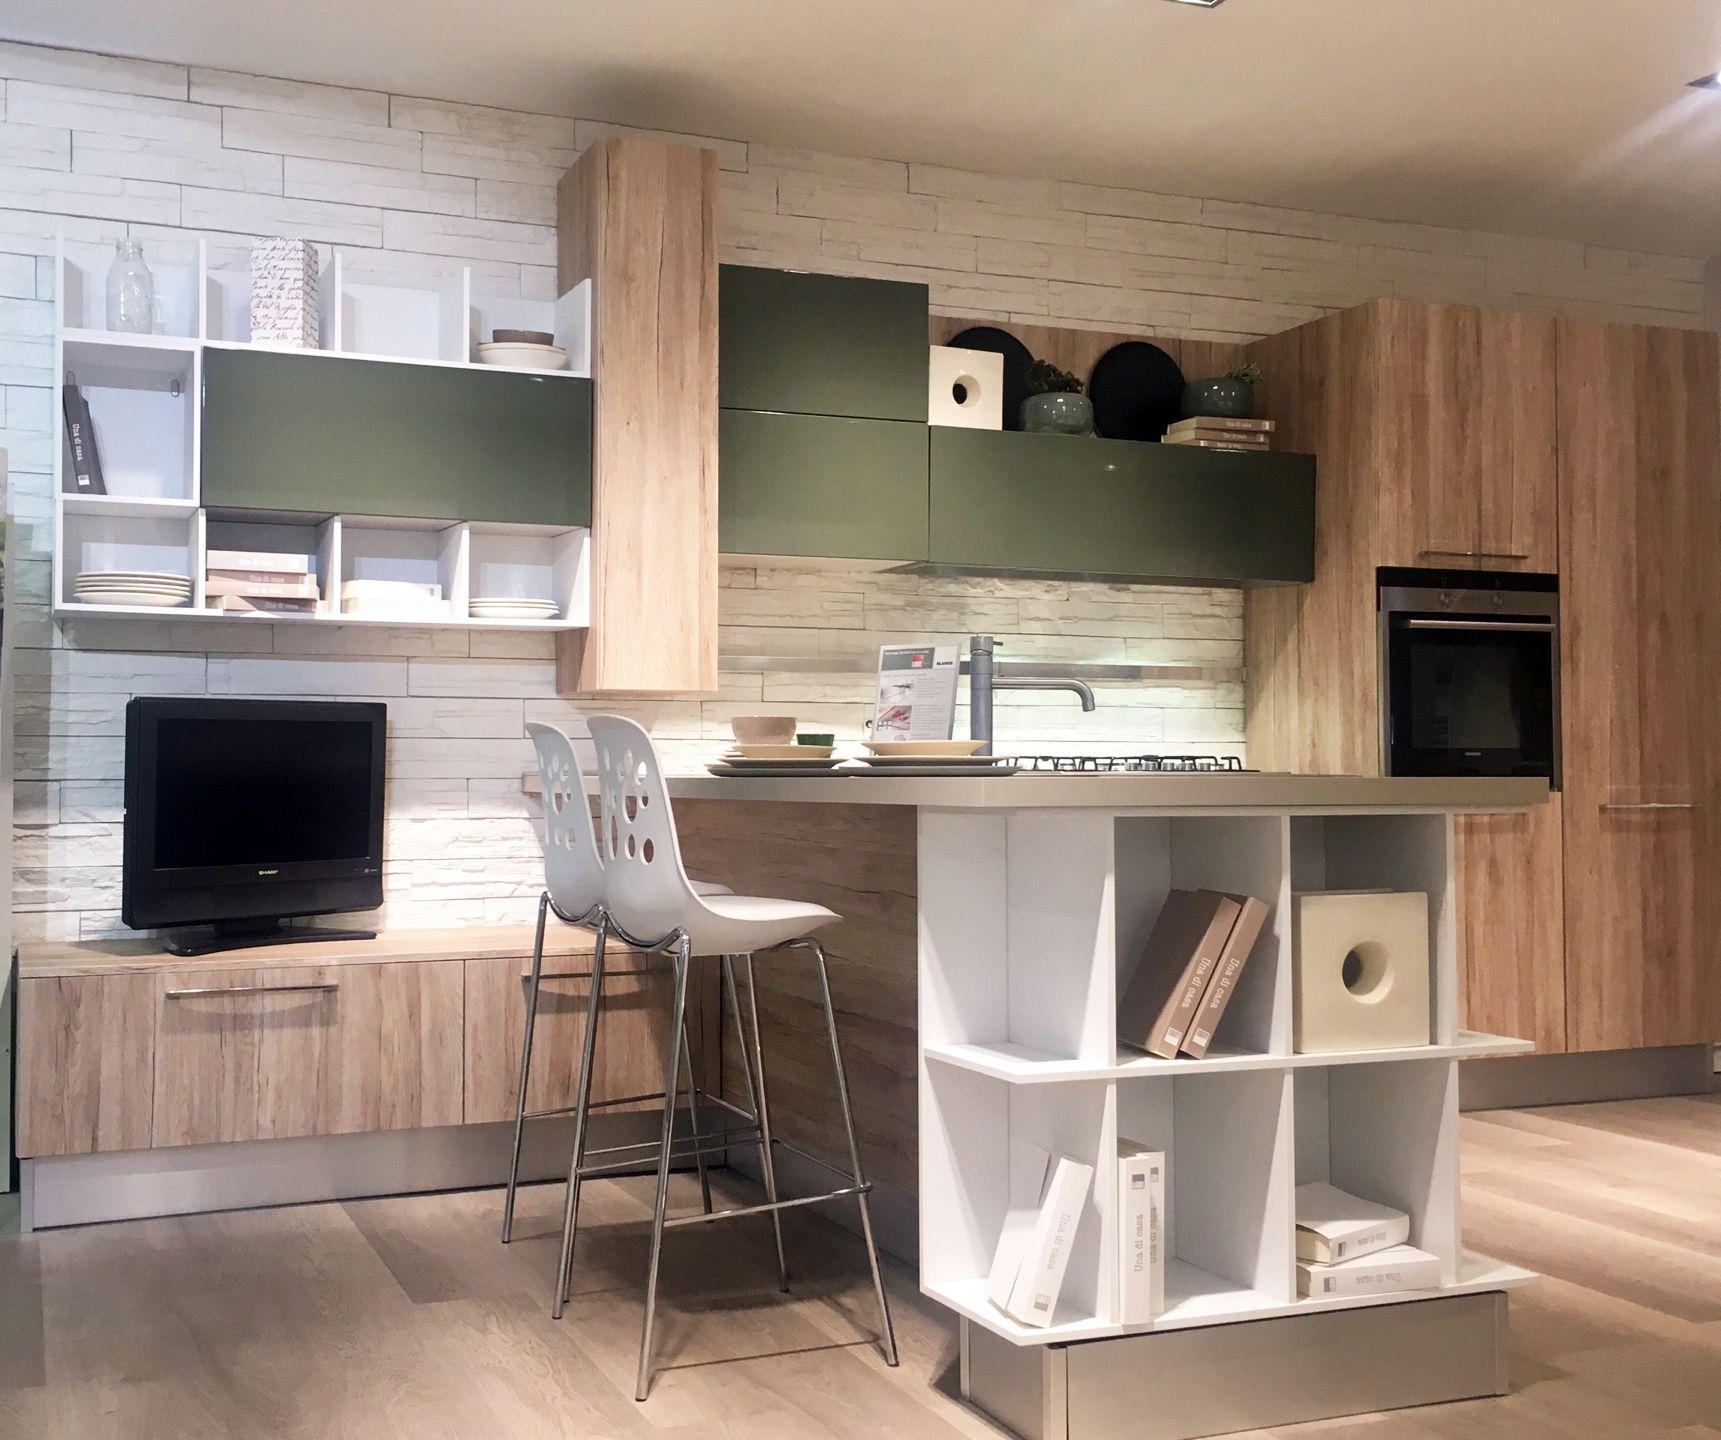 Offerta Cucina Lube Mod Swing Con Promozione Ariston Hotpoint Su 4 Elettrodomestici Prezzo 6400 Per Magg Arredamento Mobili Elettrodomestici